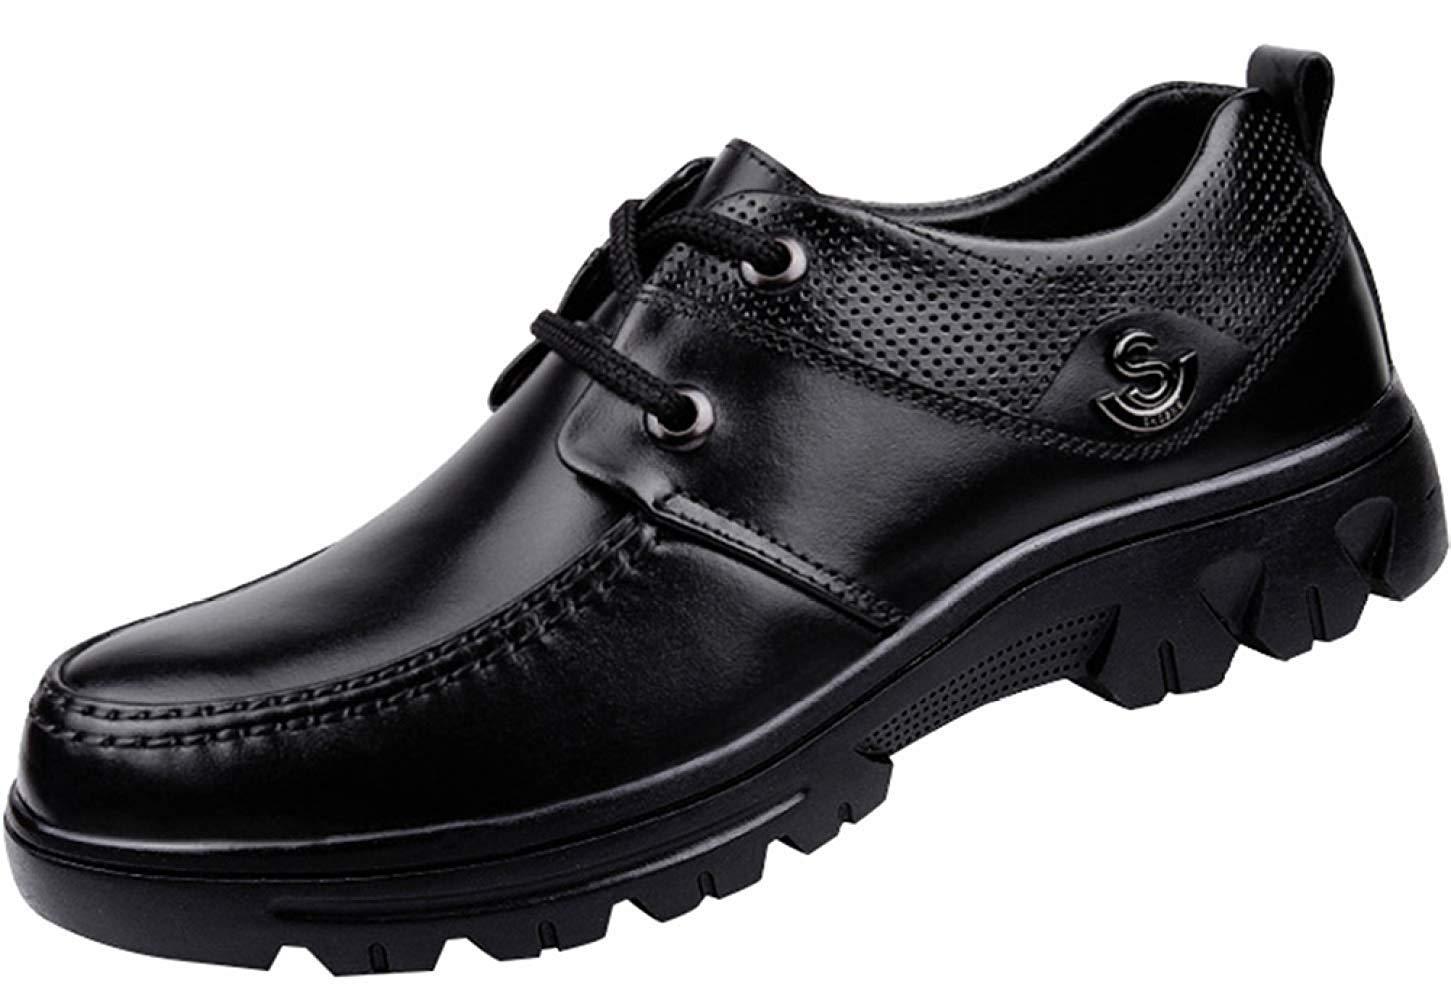 FuweiEncore Männer Schnüren Sich Oben Bequeme Schuhe Der Bequemen Schuhe Der Schuhe Der Mode (Farbe   2, Größe   47EU)